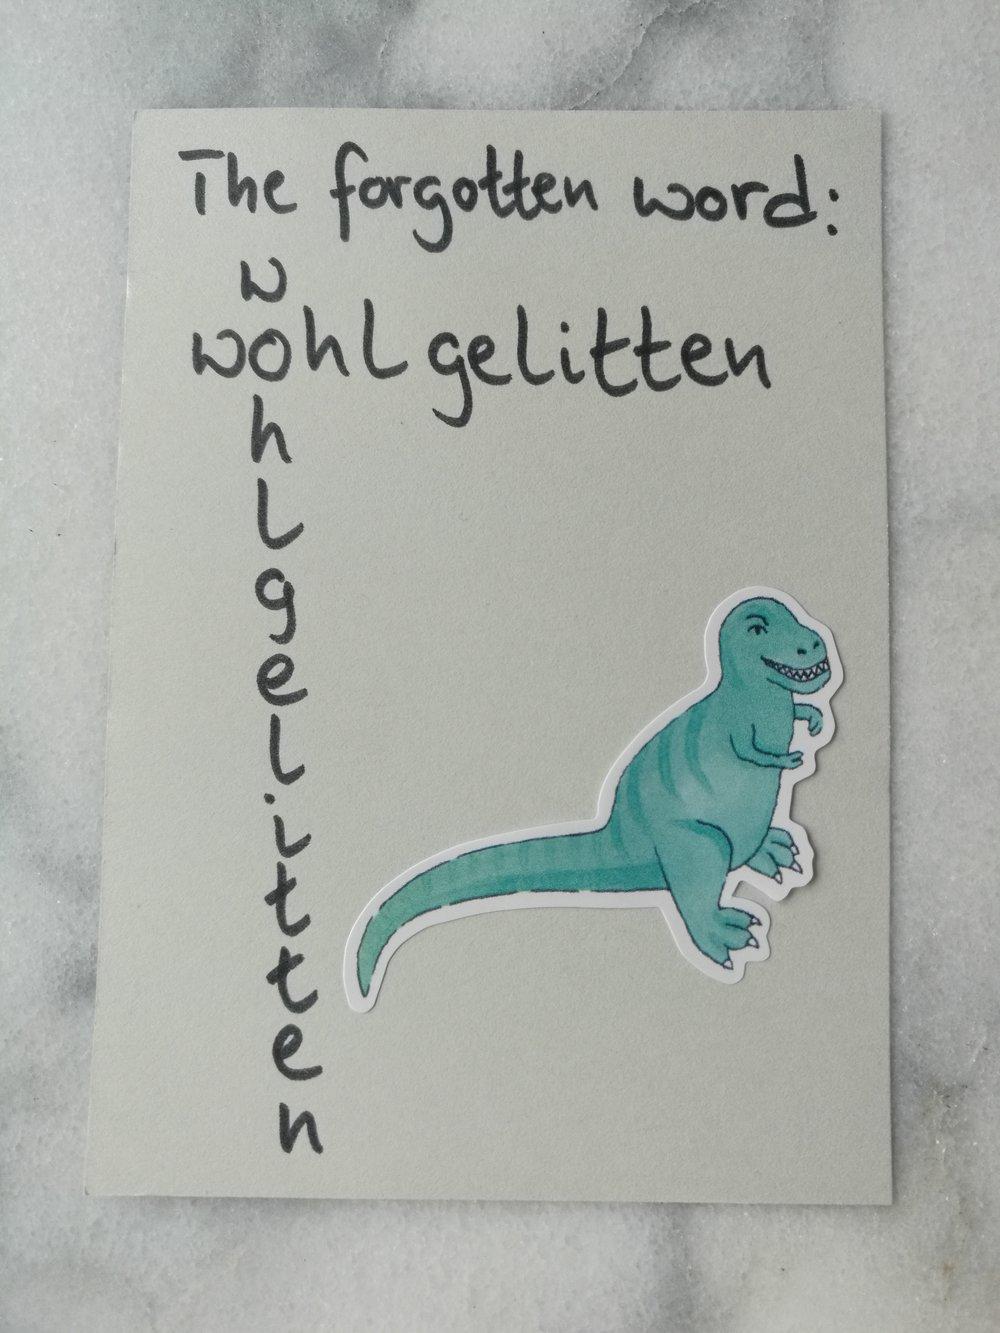 wohlgelitten well-liked vocabulary dinosaur language Sprache Wortschatz Dinosaurier